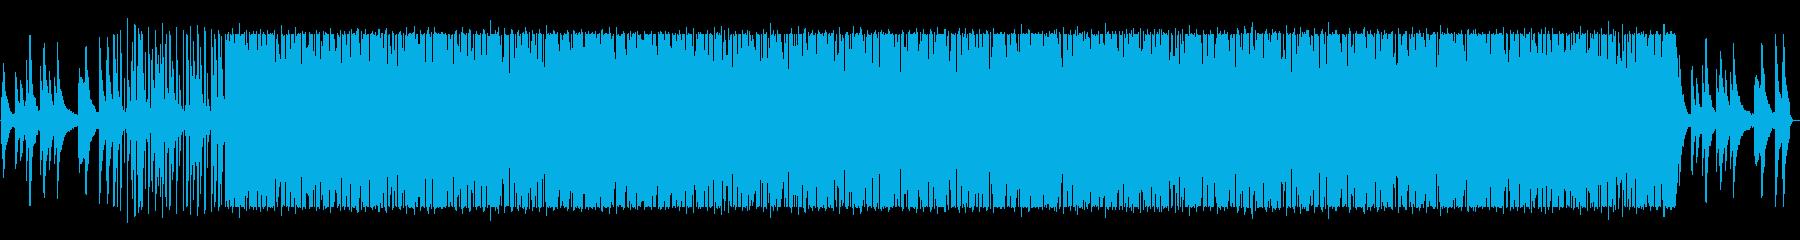 ピアノループがメインのローファイチルの再生済みの波形